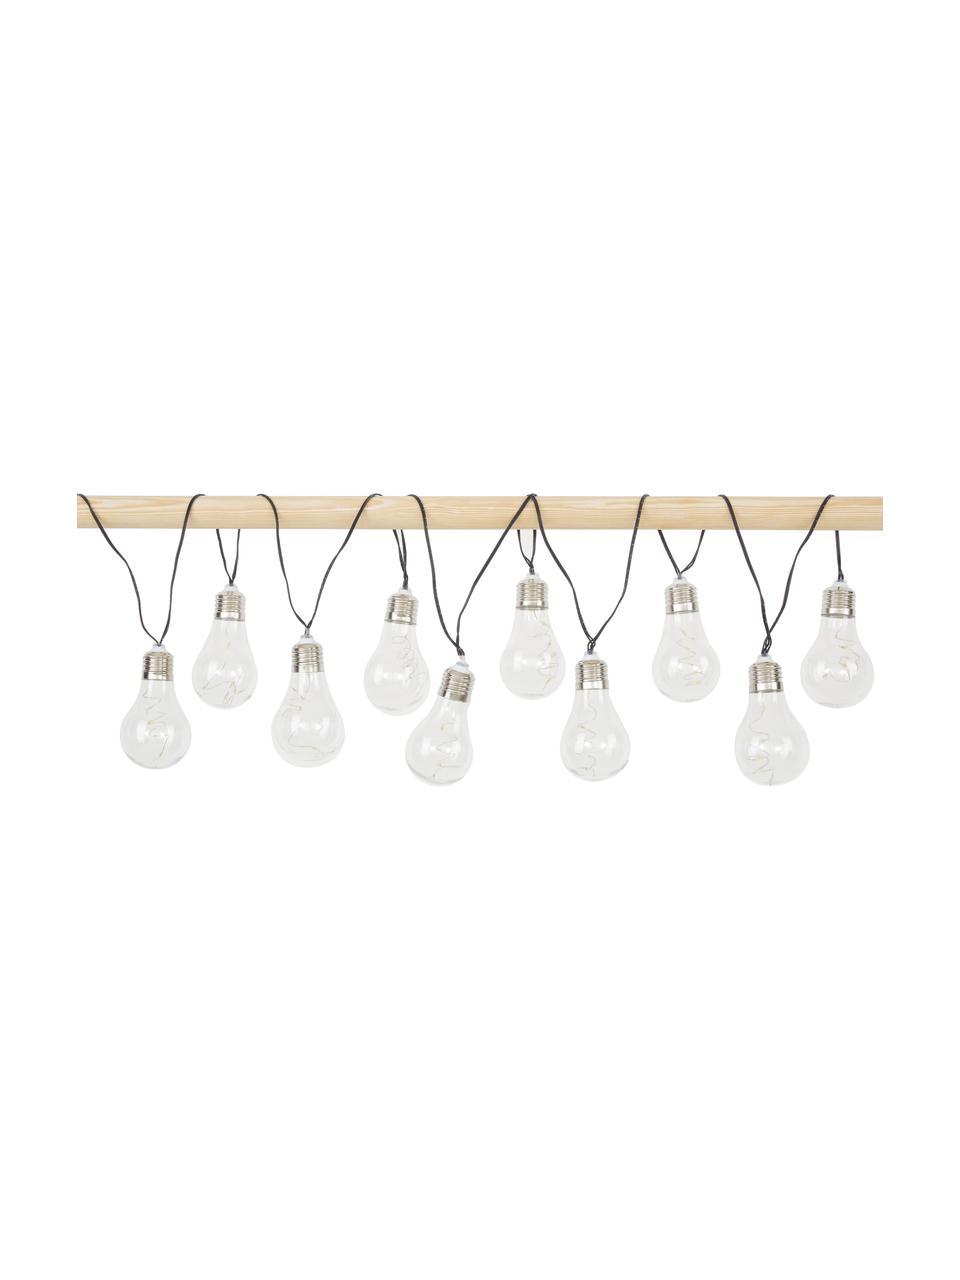 Solar Lichterkette Glow, 390 cm, 10 Lampions, Lampions: Kunststoff, Transparent, L 390 cm